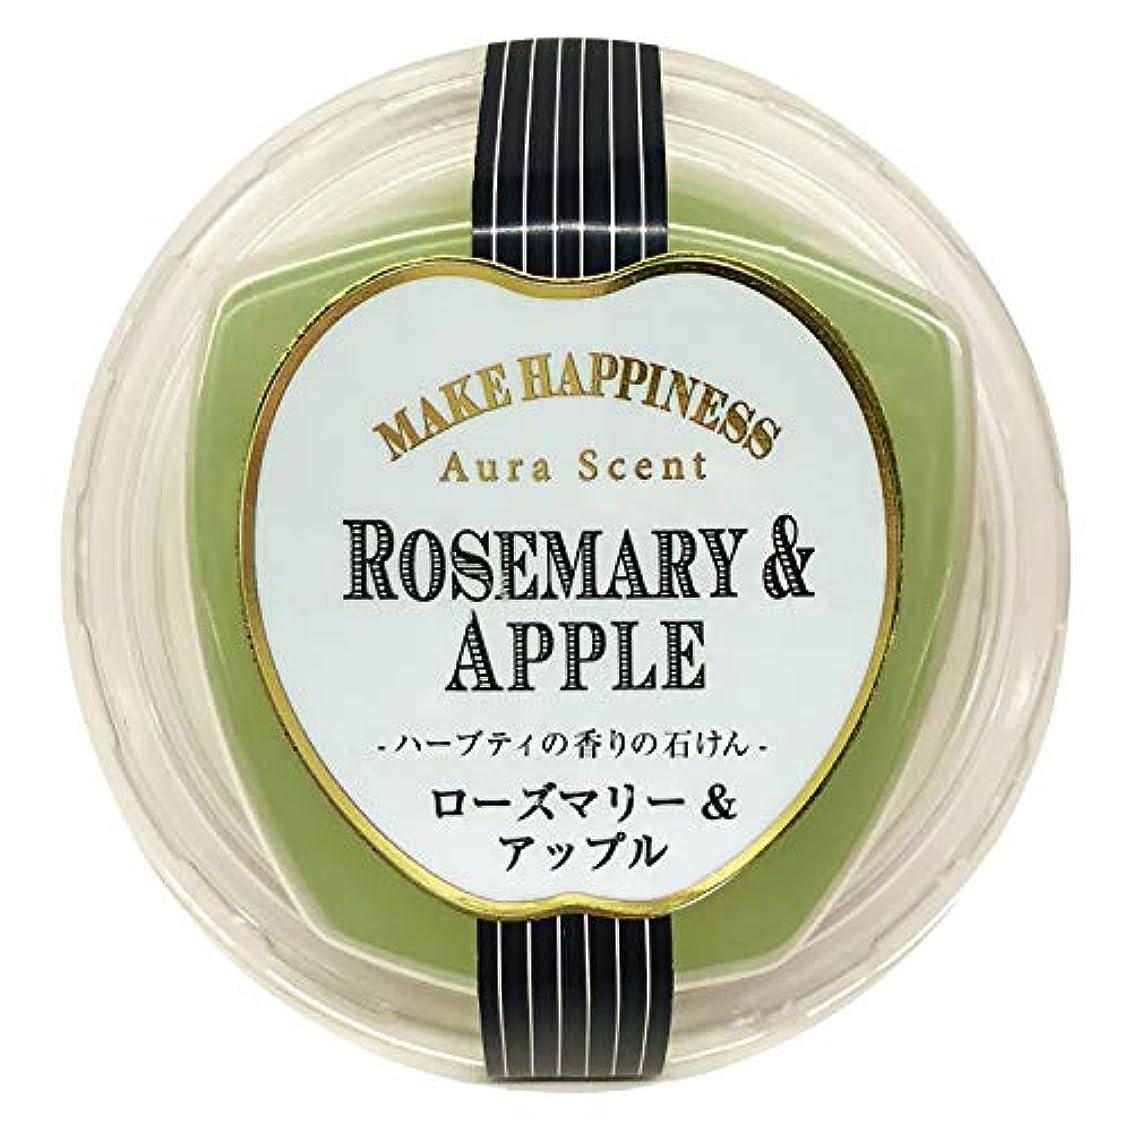 トースト冷笑する偶然のペリカン石鹸 オーラセント クリアソープ ローズマリー&アップル 75g